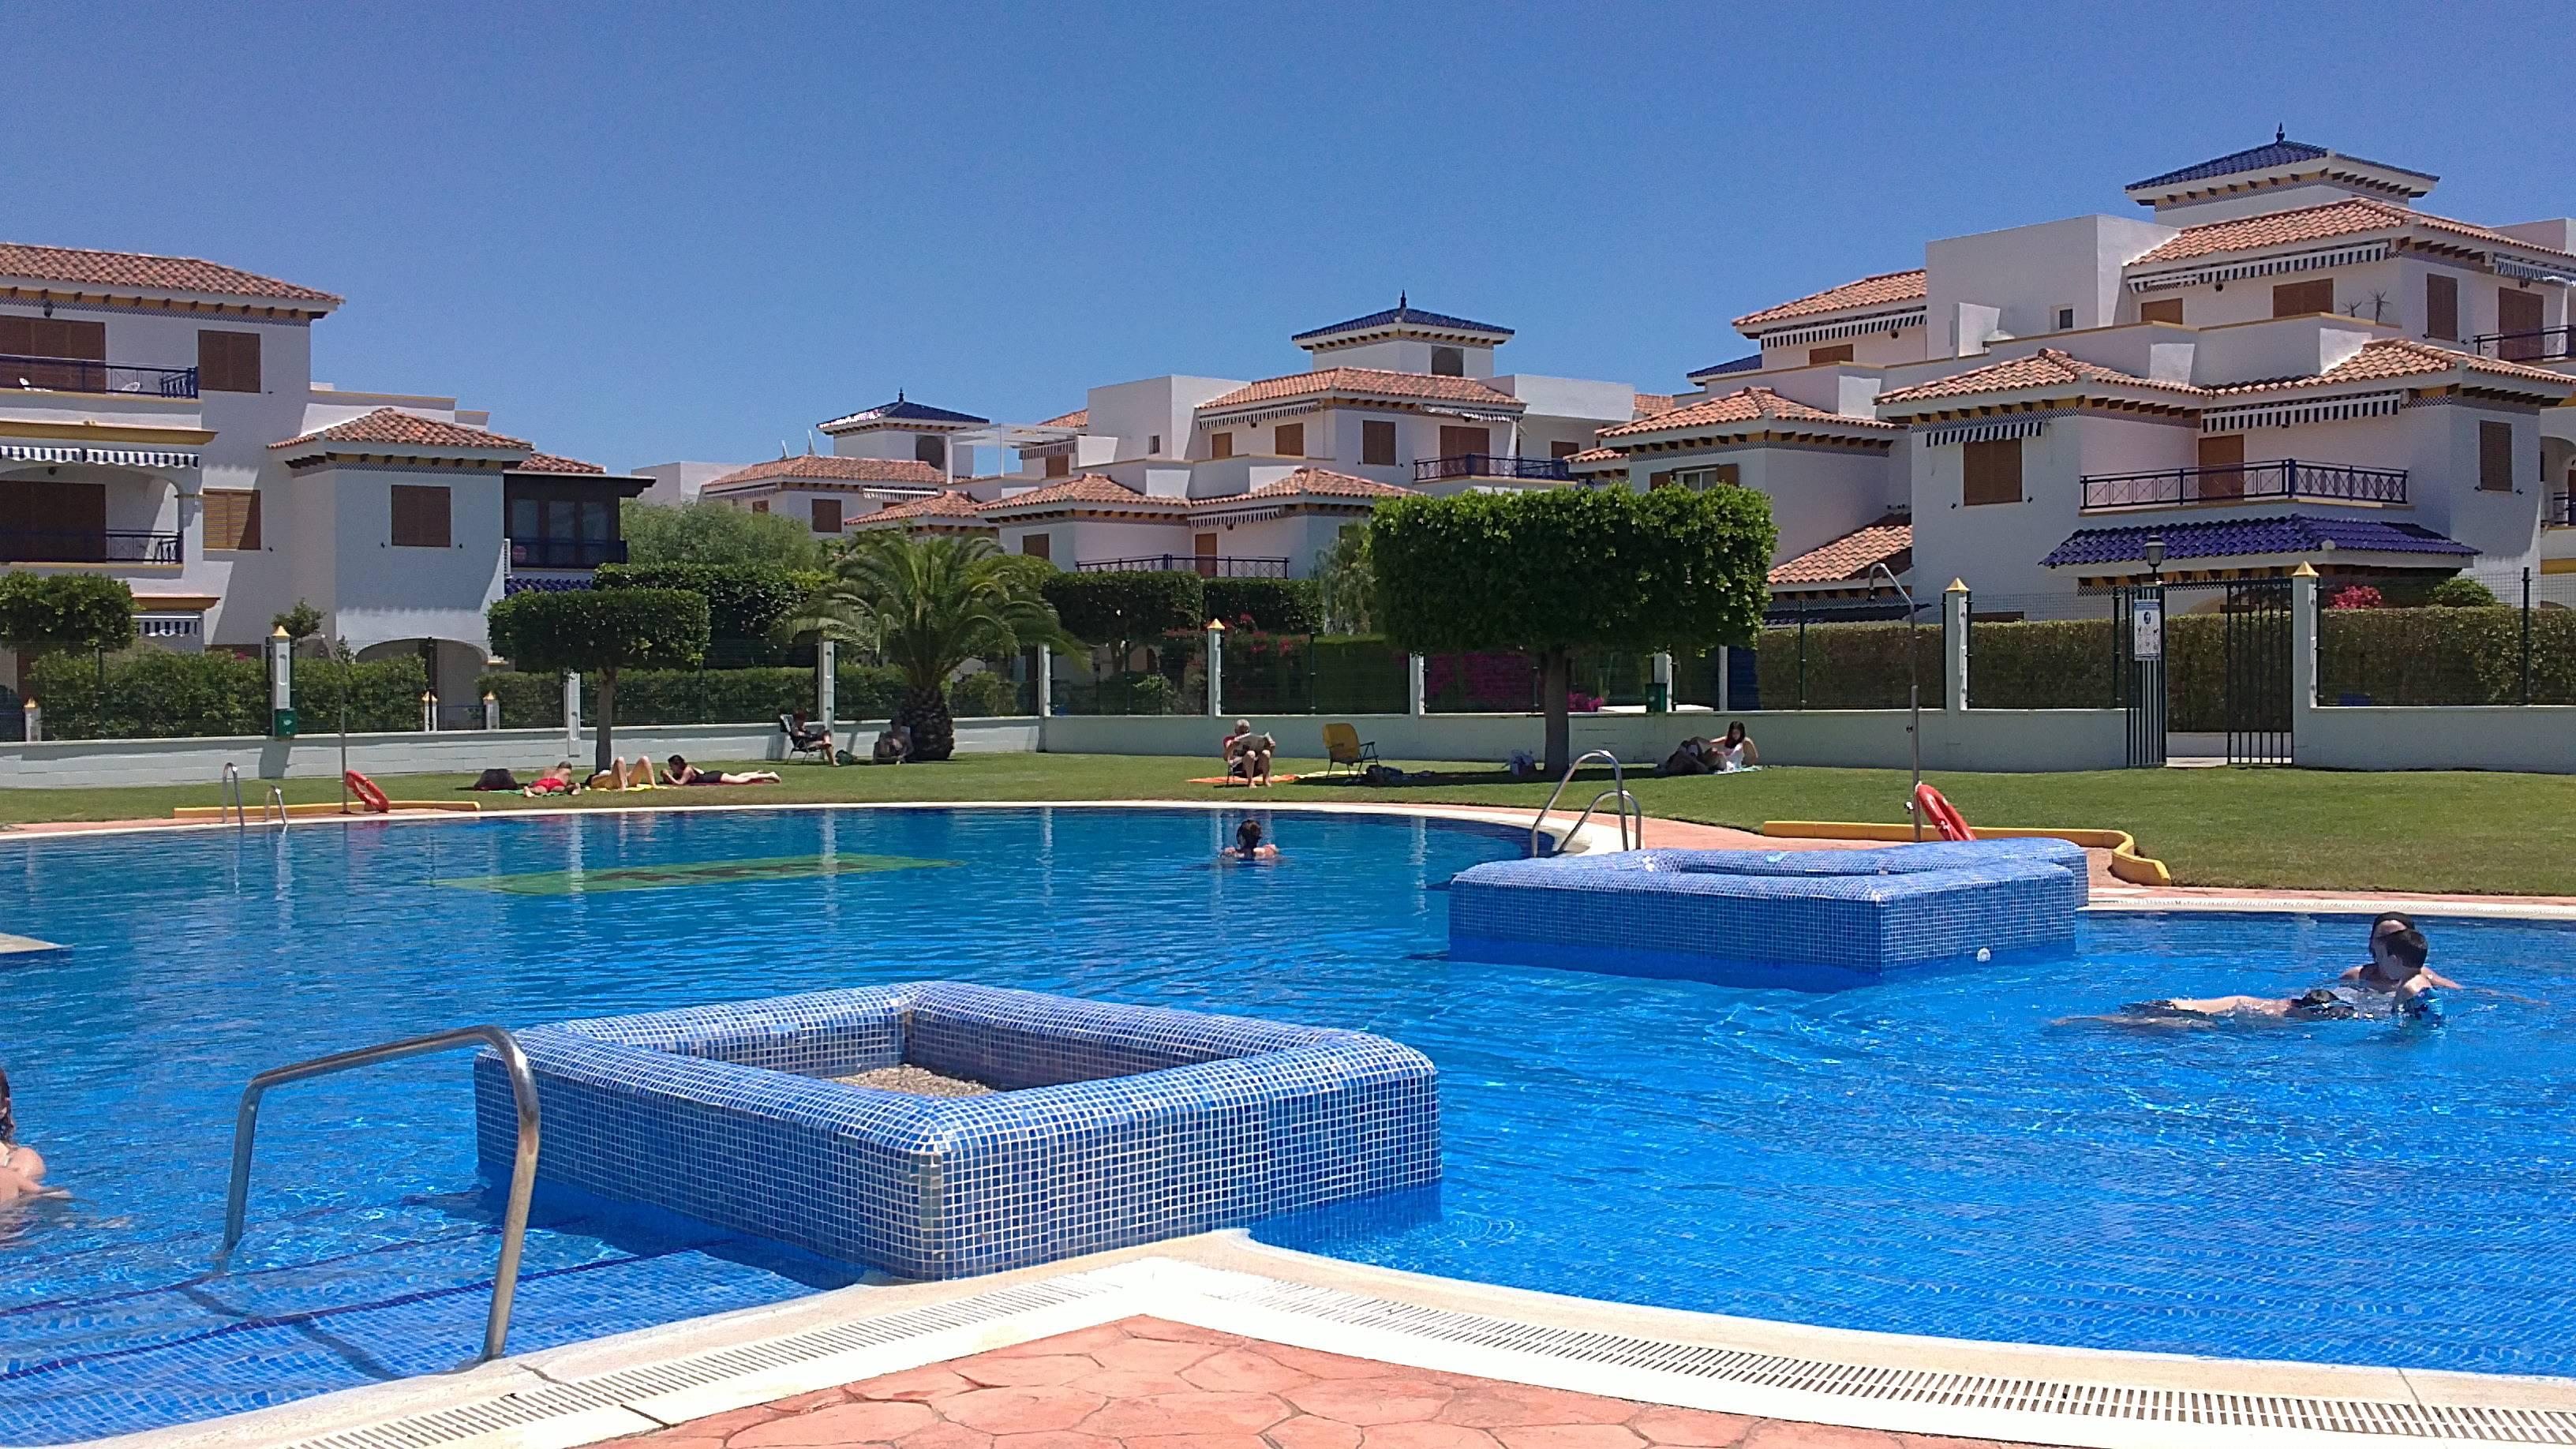 Vera apartamento con piscina vera playa vera almer a for Apartamentos en vera almeria